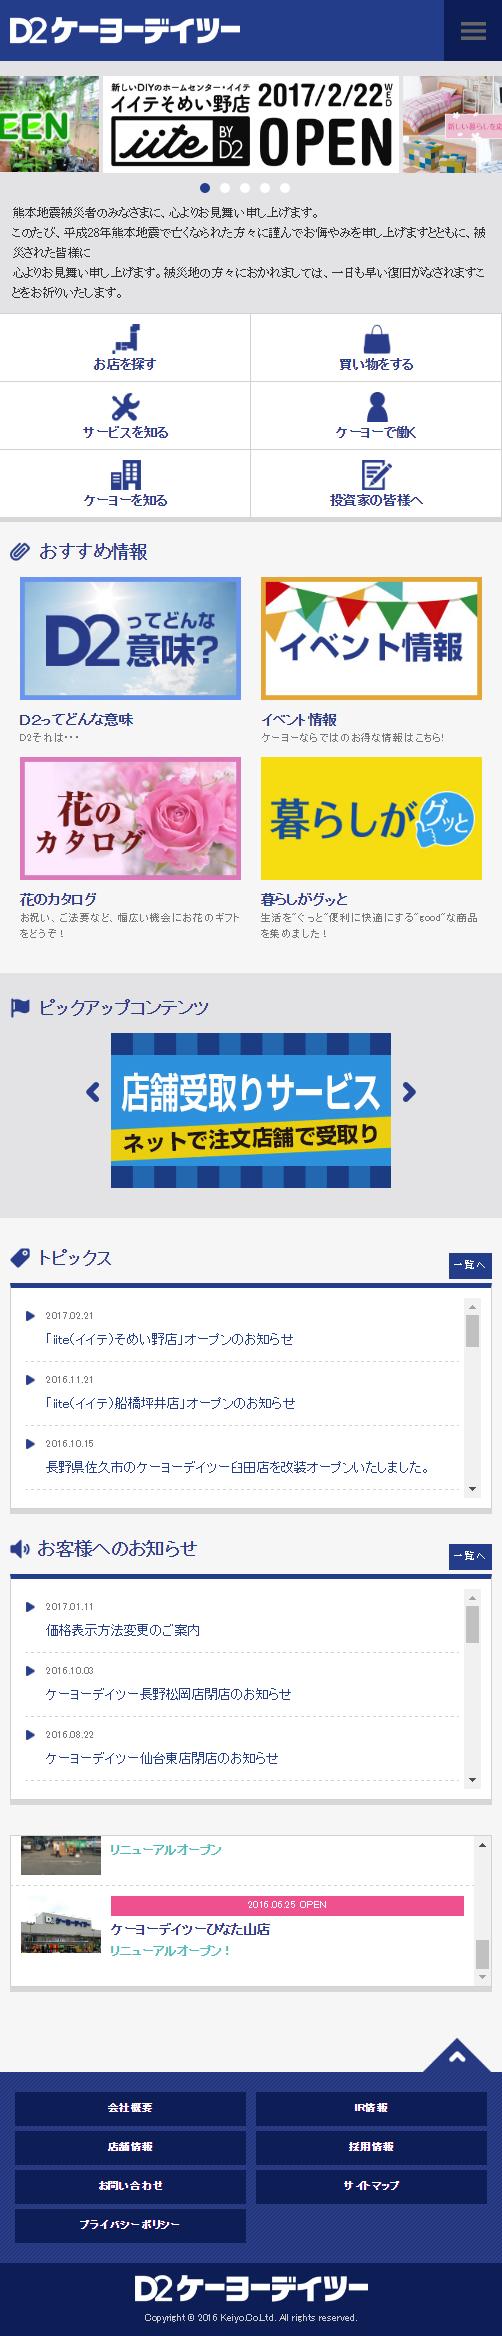 ケーヨーD2様スマートフォン画像